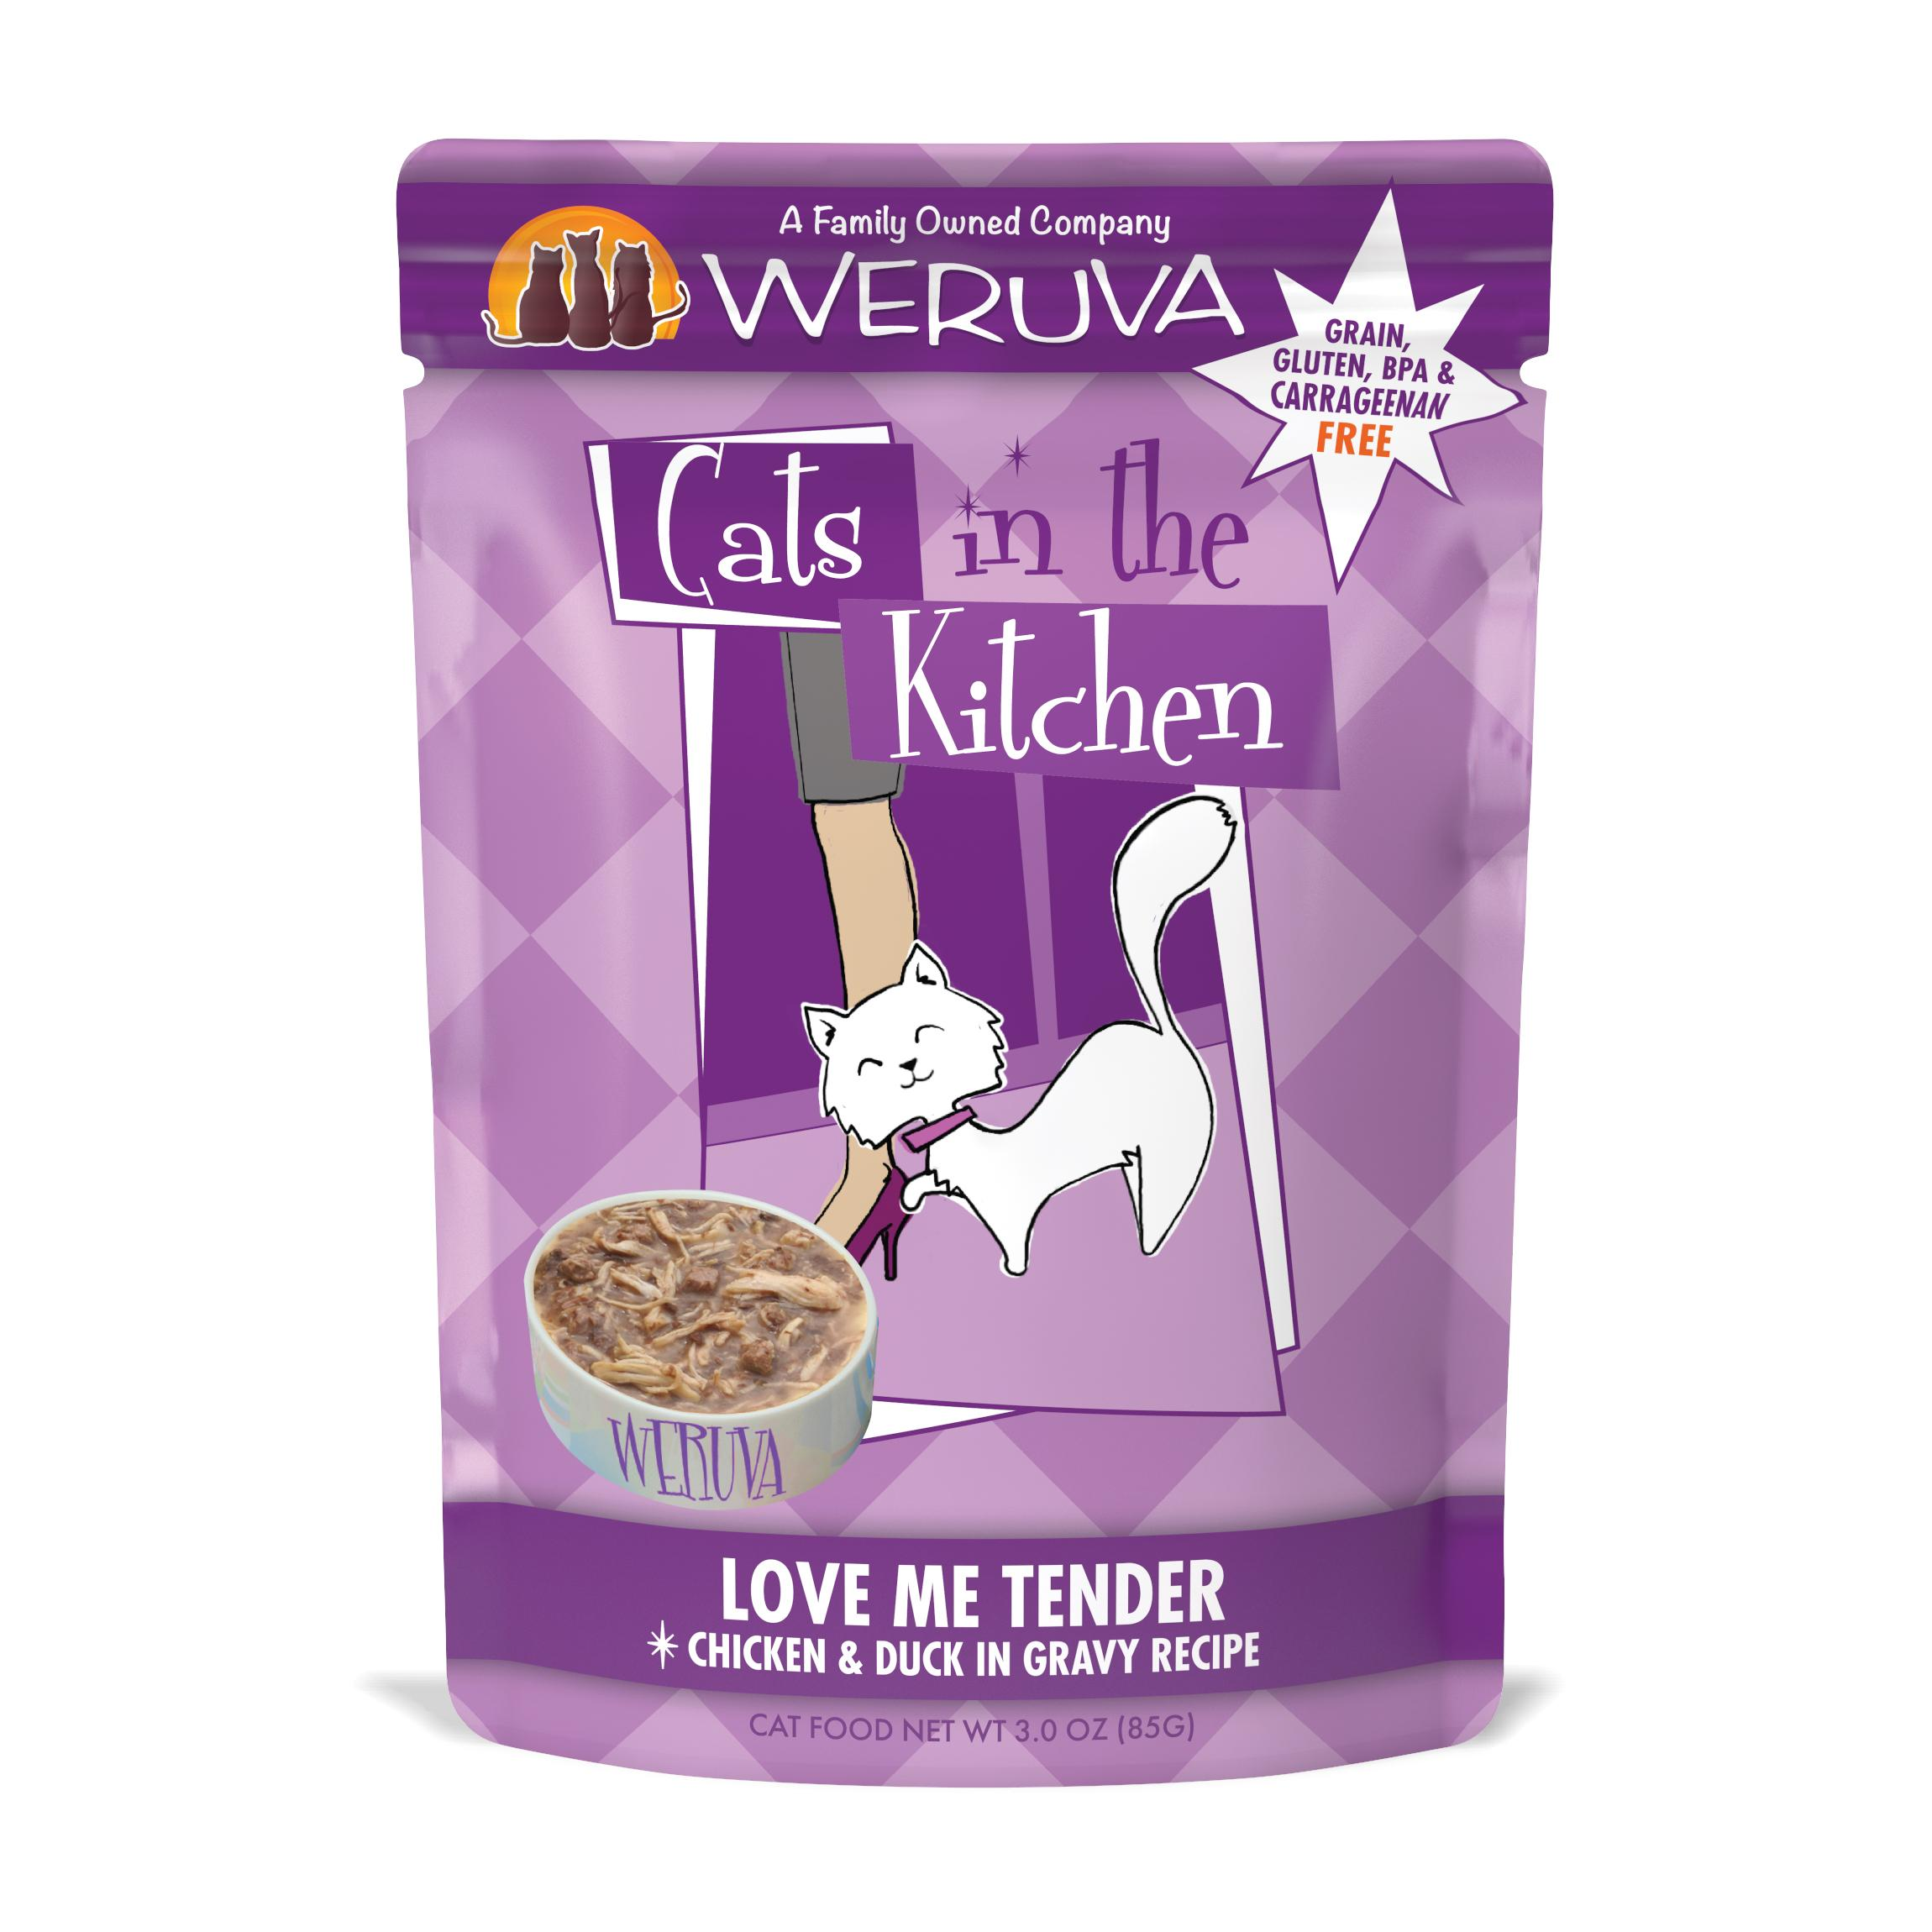 Weruva Cats in the Kitchen Love Me Tender Chicken & Duck in Gravy Recipe Grain-Free Wet Cat Food, 3-oz